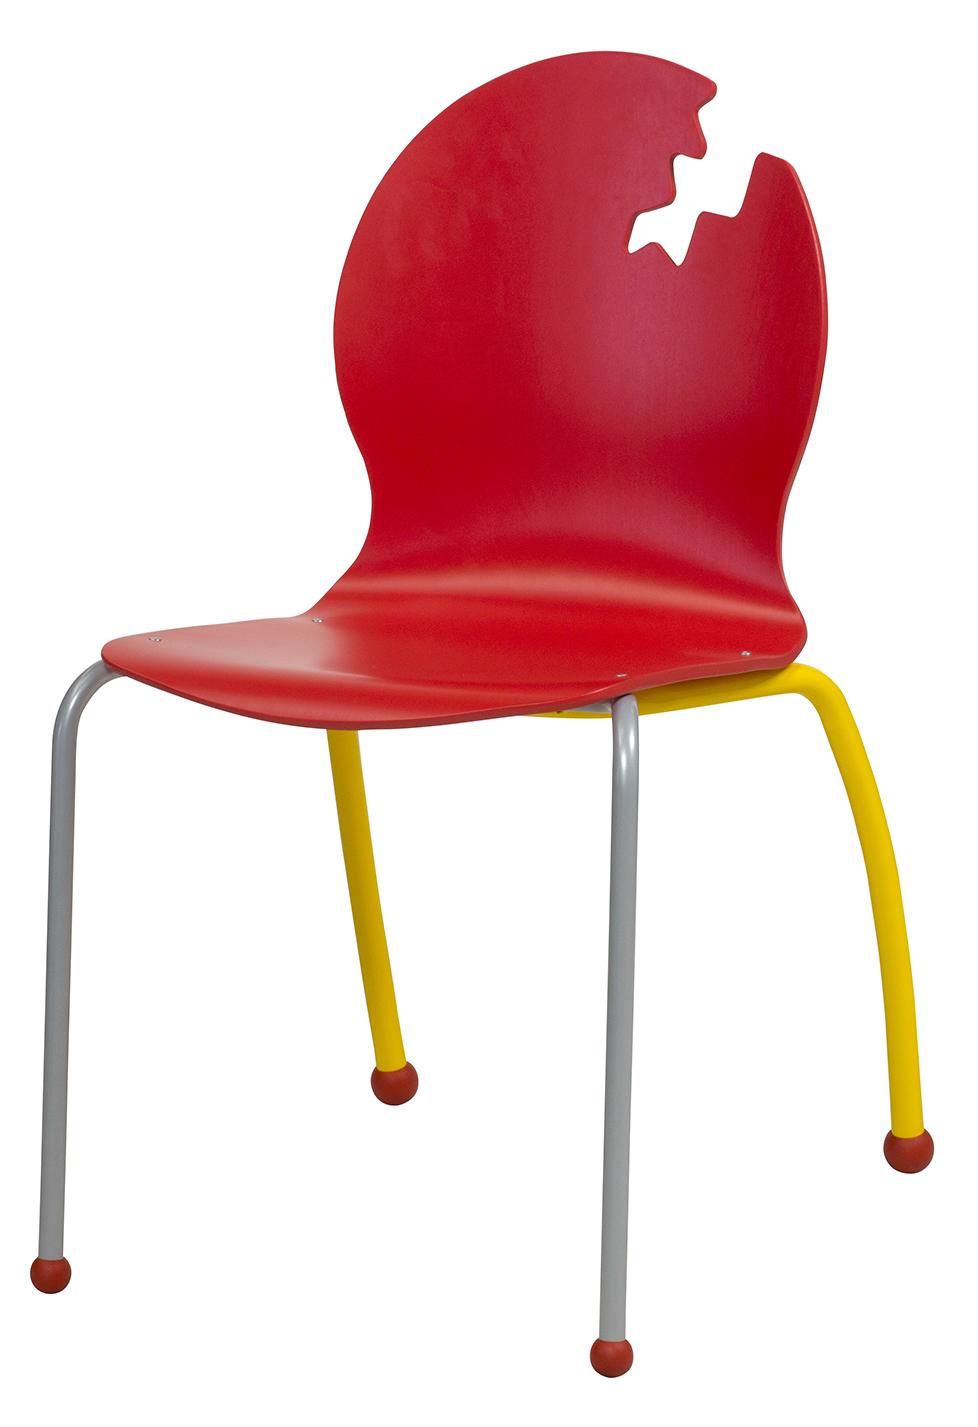 DPC - Chaise OULALA (tous coloris)